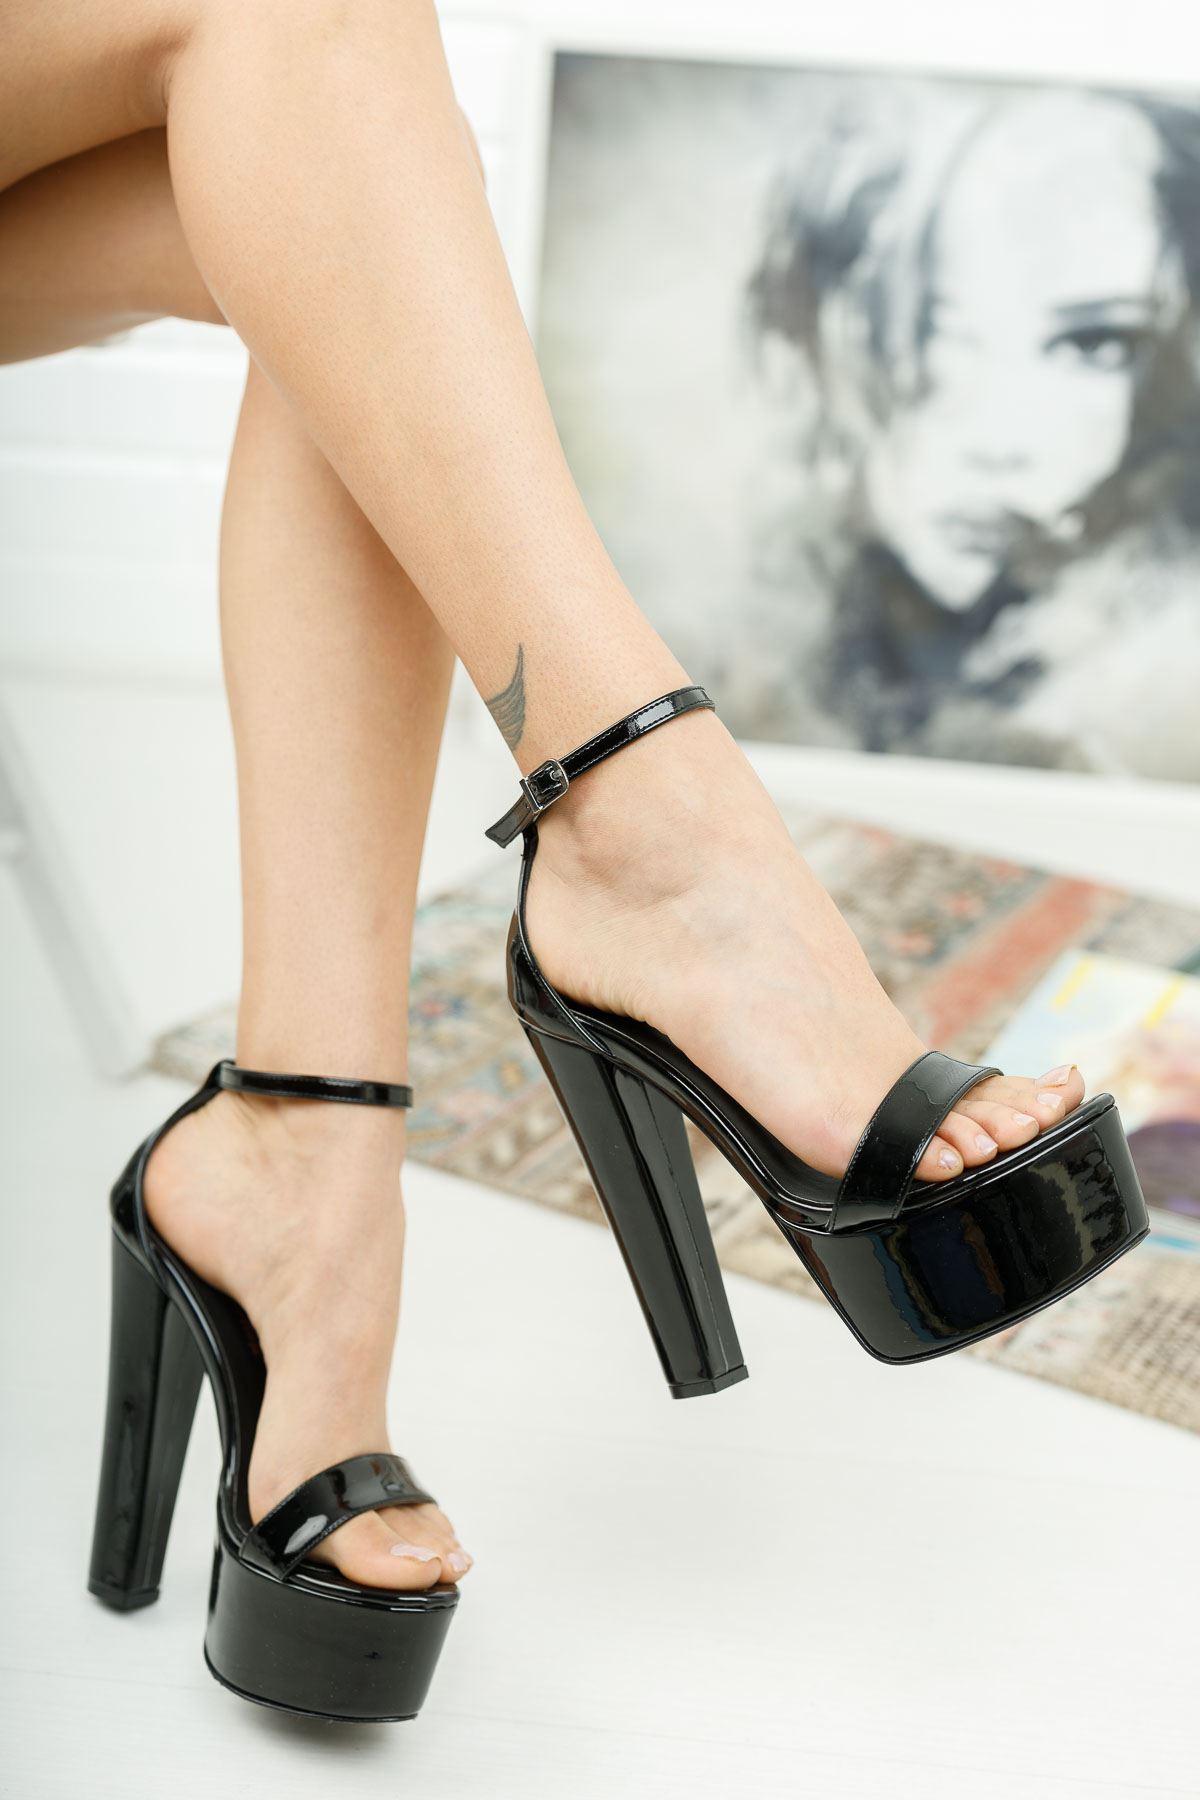 Levans Siyah Rugan Yüksek Topuklu Kadın Ayakkabı